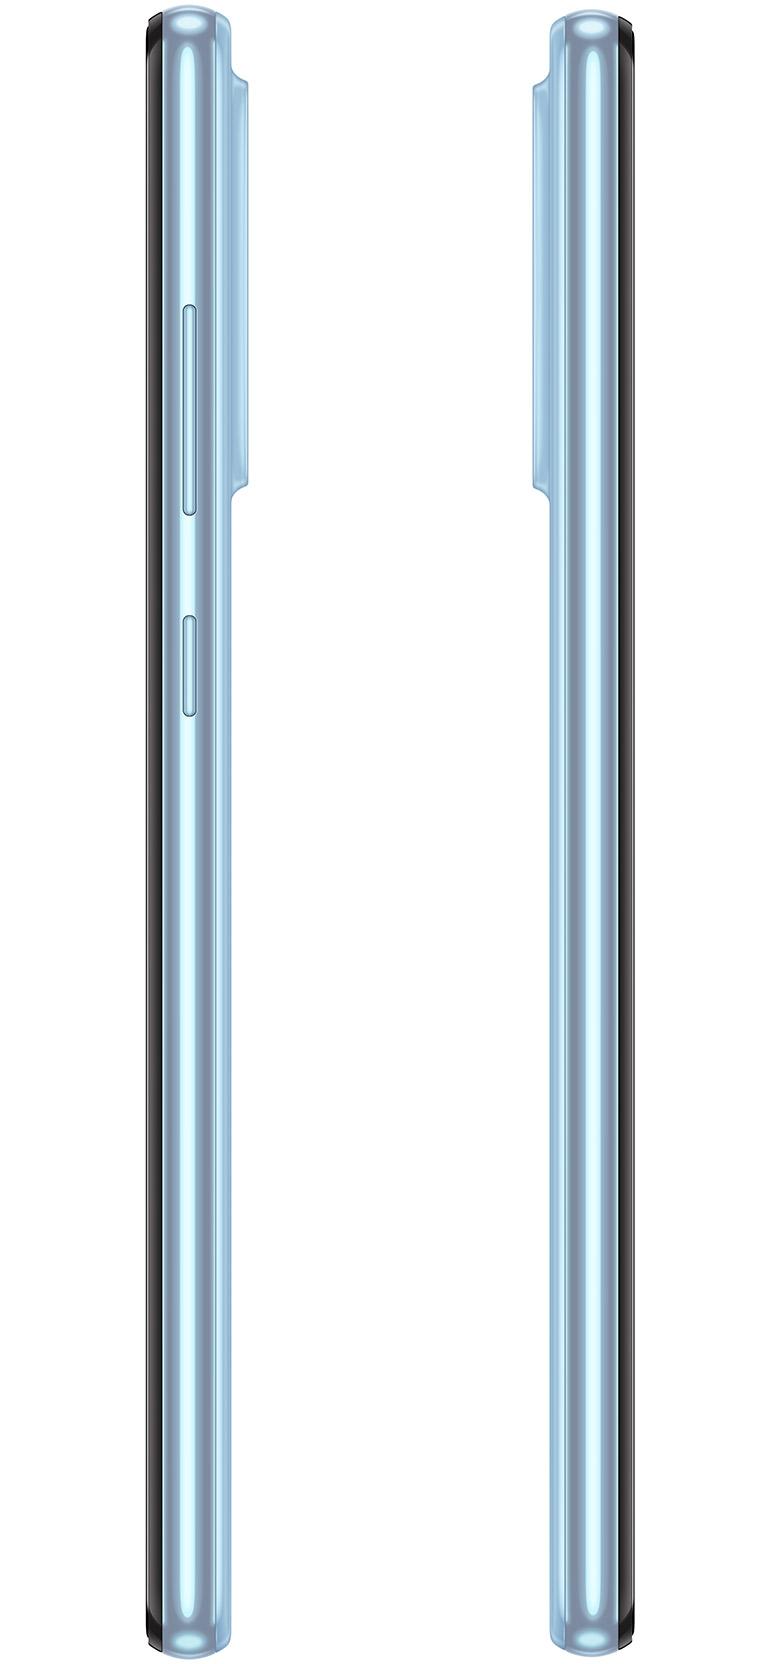 Samsung Galaxy A72 DS (SM-A725) 128GB Blue - 5